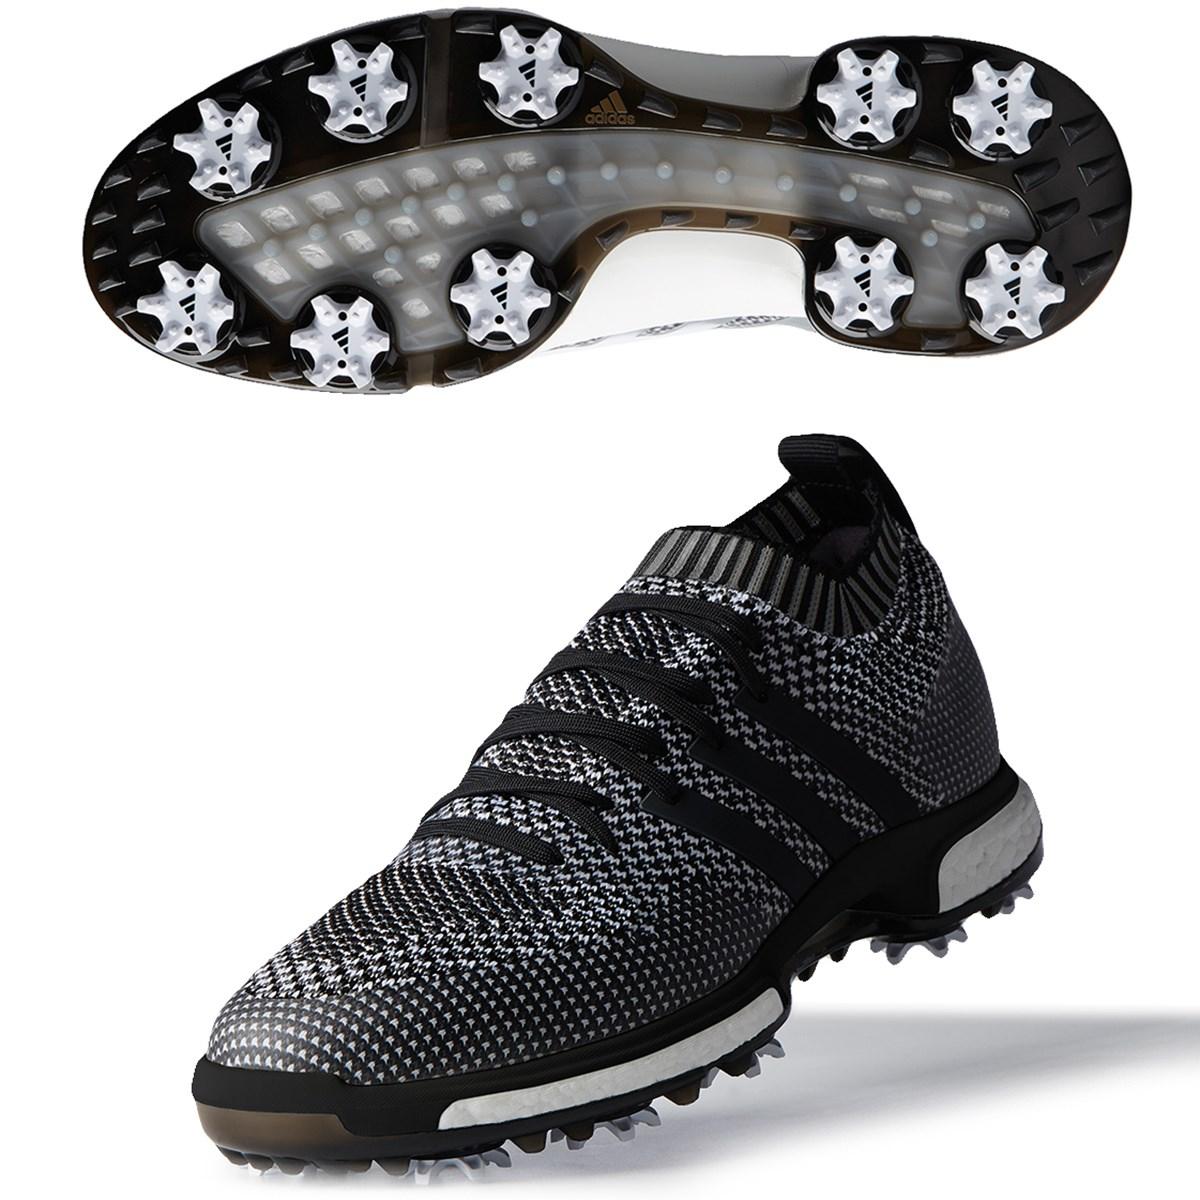 [値下げしました] アディダス adidas ツアー360 ニットシューズ コアブラック/グレースリー/ホワイト メンズ ゴルフ